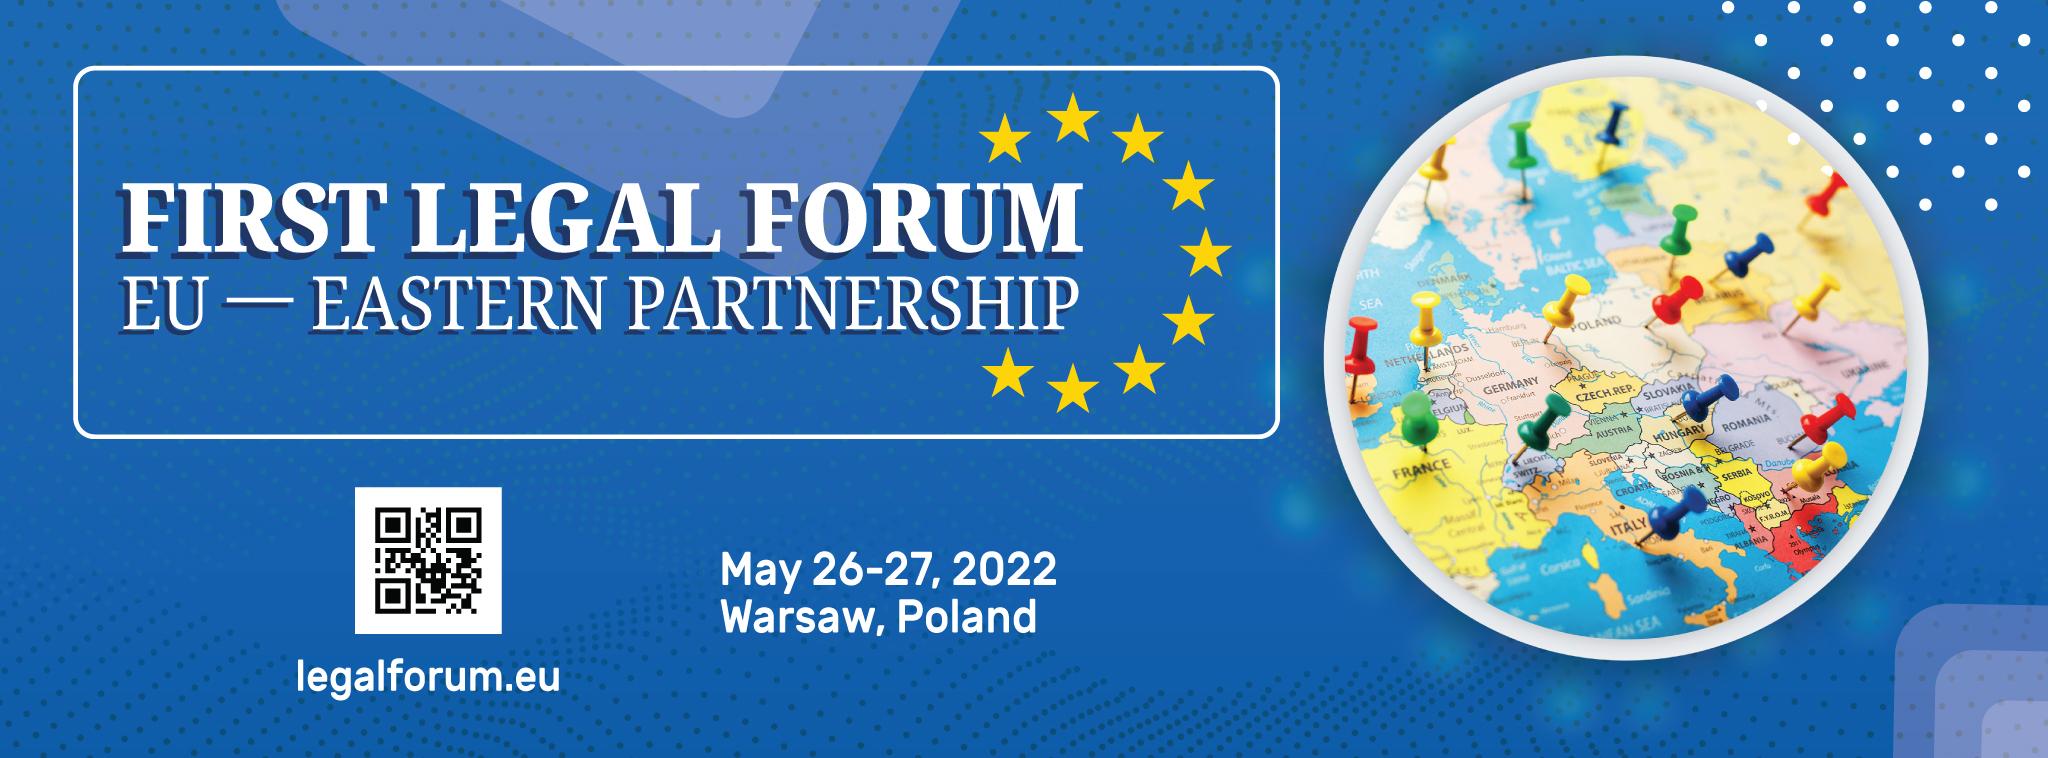 Перший юридичний форум ЄС-Східне партнерство